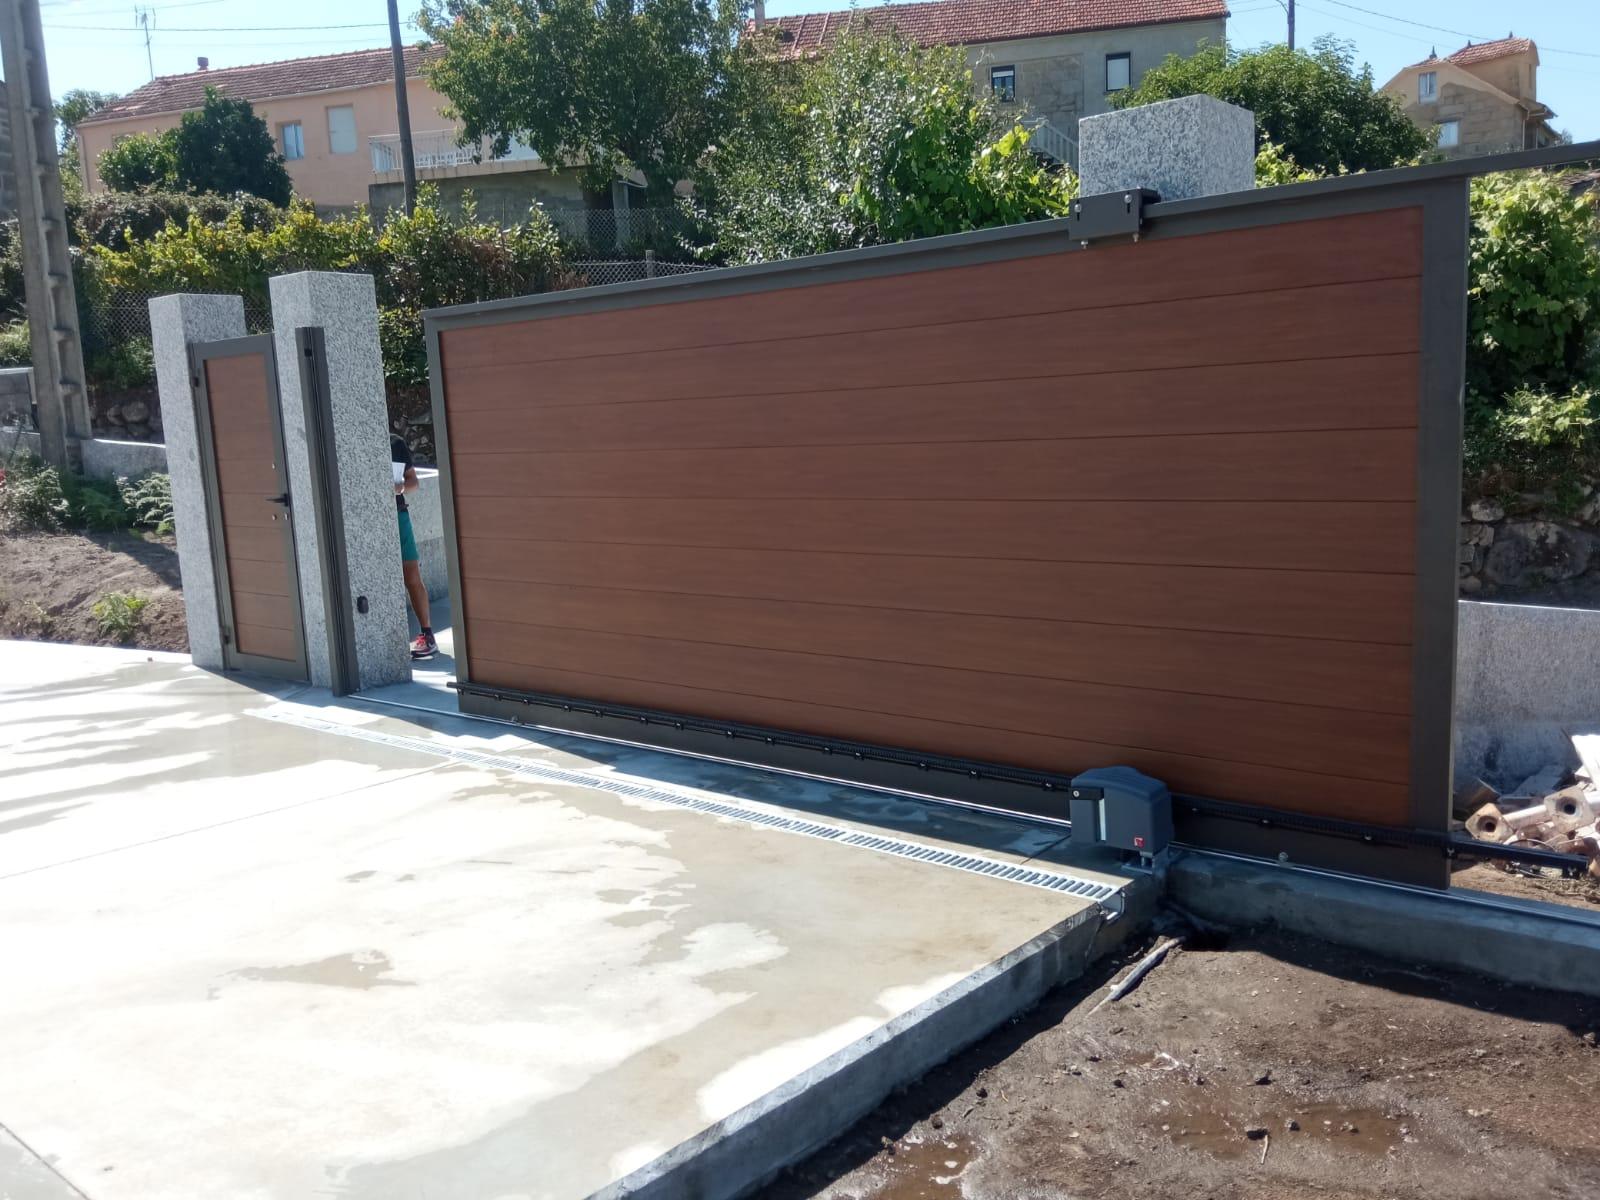 Portales de aluminio imitación madera instalados en Fornelos de Montes 1